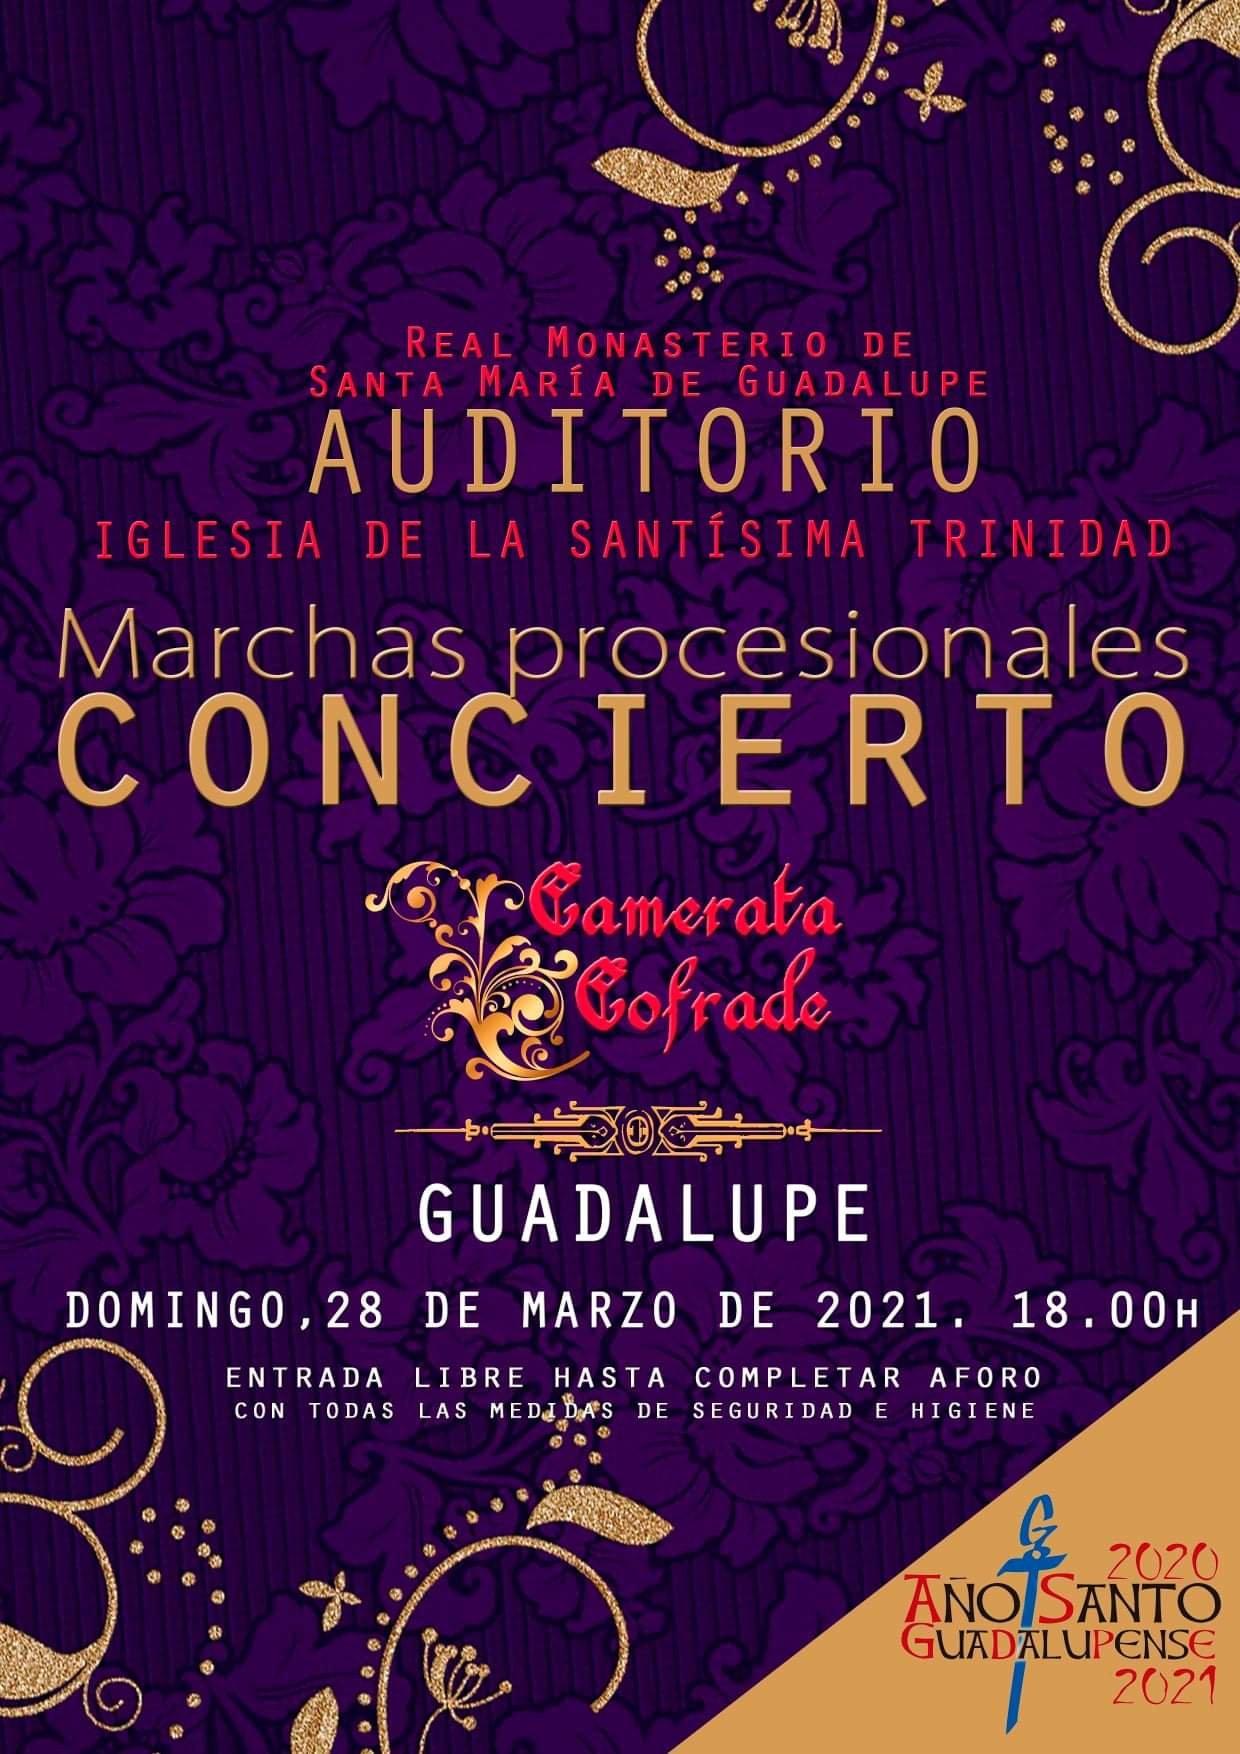 Concierto de marchas procesionales (2021) - Guadalupe (Cáceres)